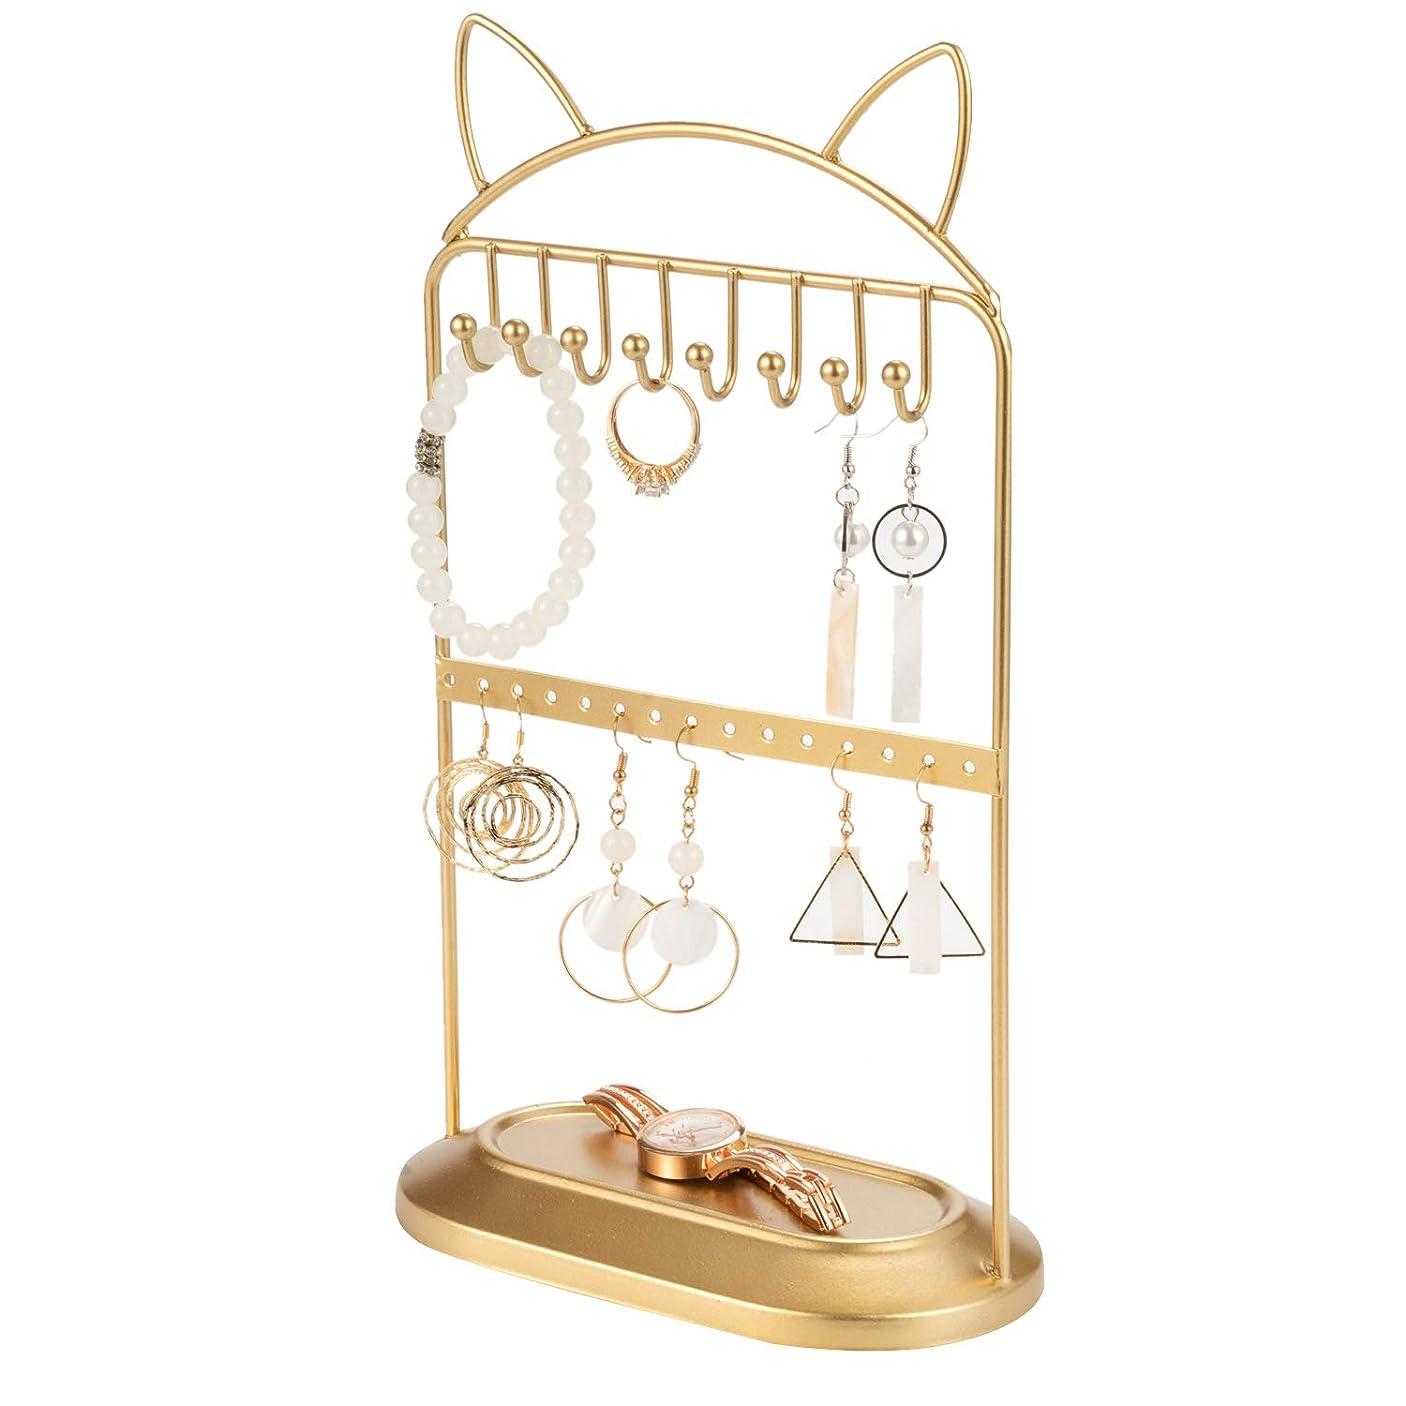 信者きらめくマリナーアクセサリースタンド フック付き ゴールド 猫耳 かわいい 2段 ジュエリースタンド ピアス収納 ネックレス収納 店舗ディスプレイ